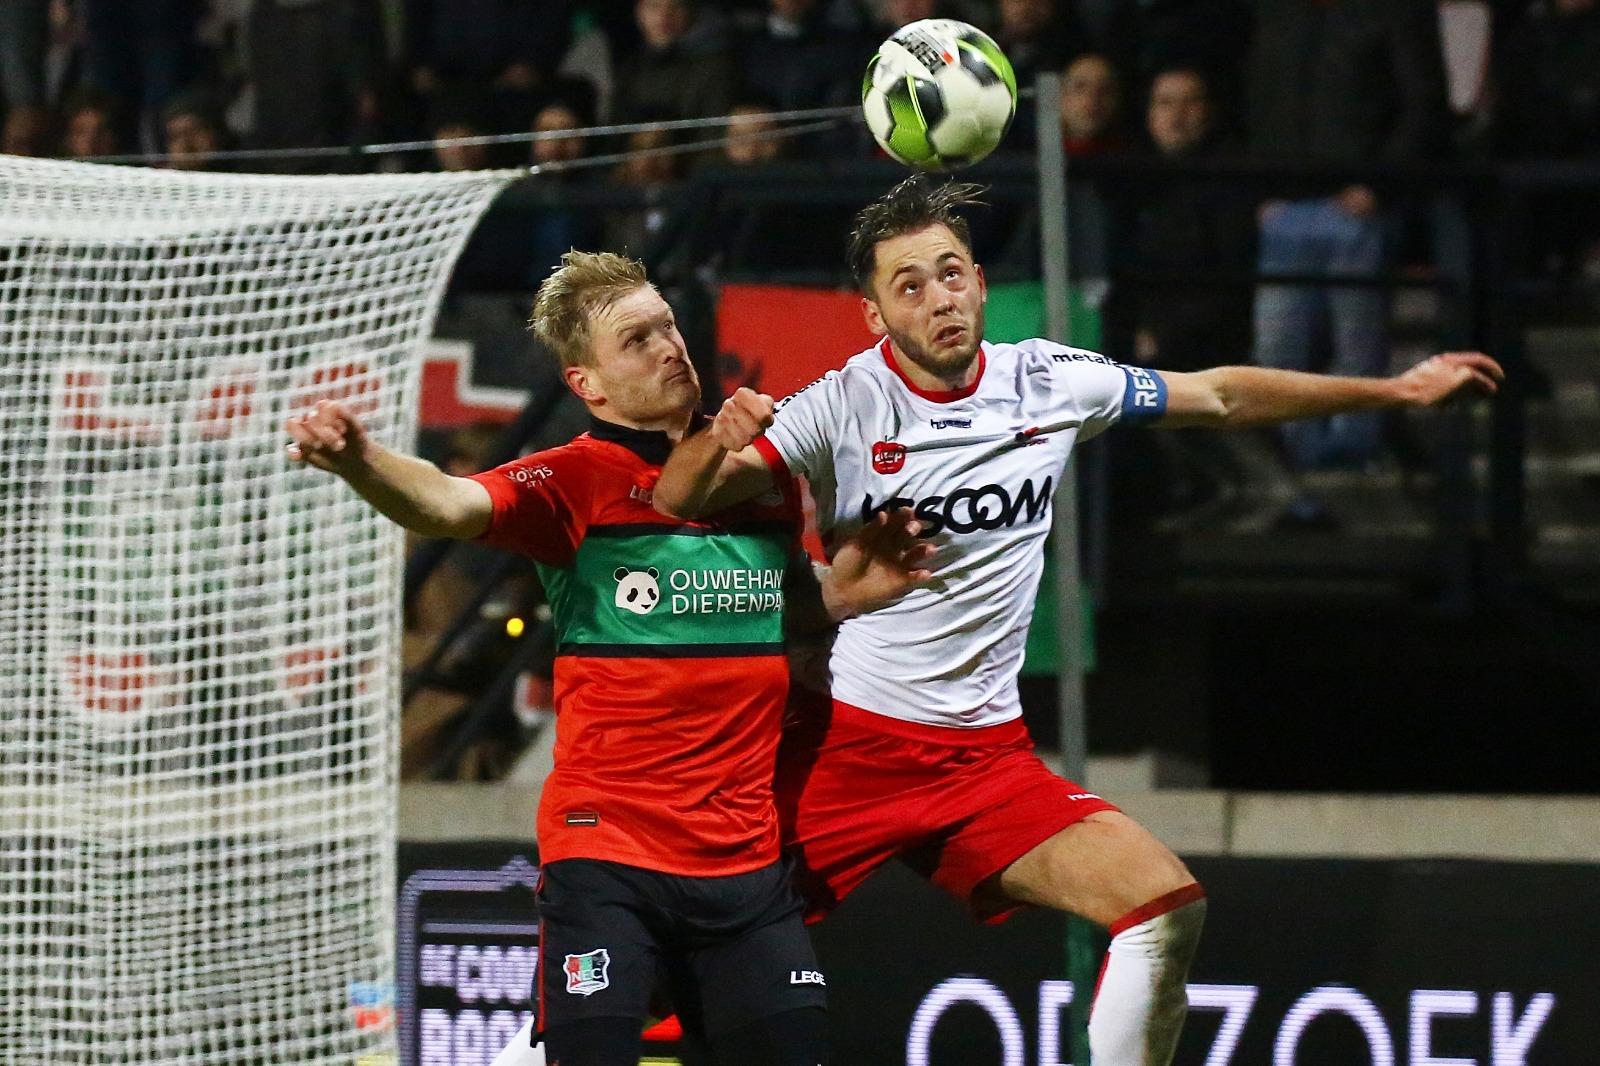 Voorbeschouwing: NEC vervolgt tegen Helmond Sport play-offjacht